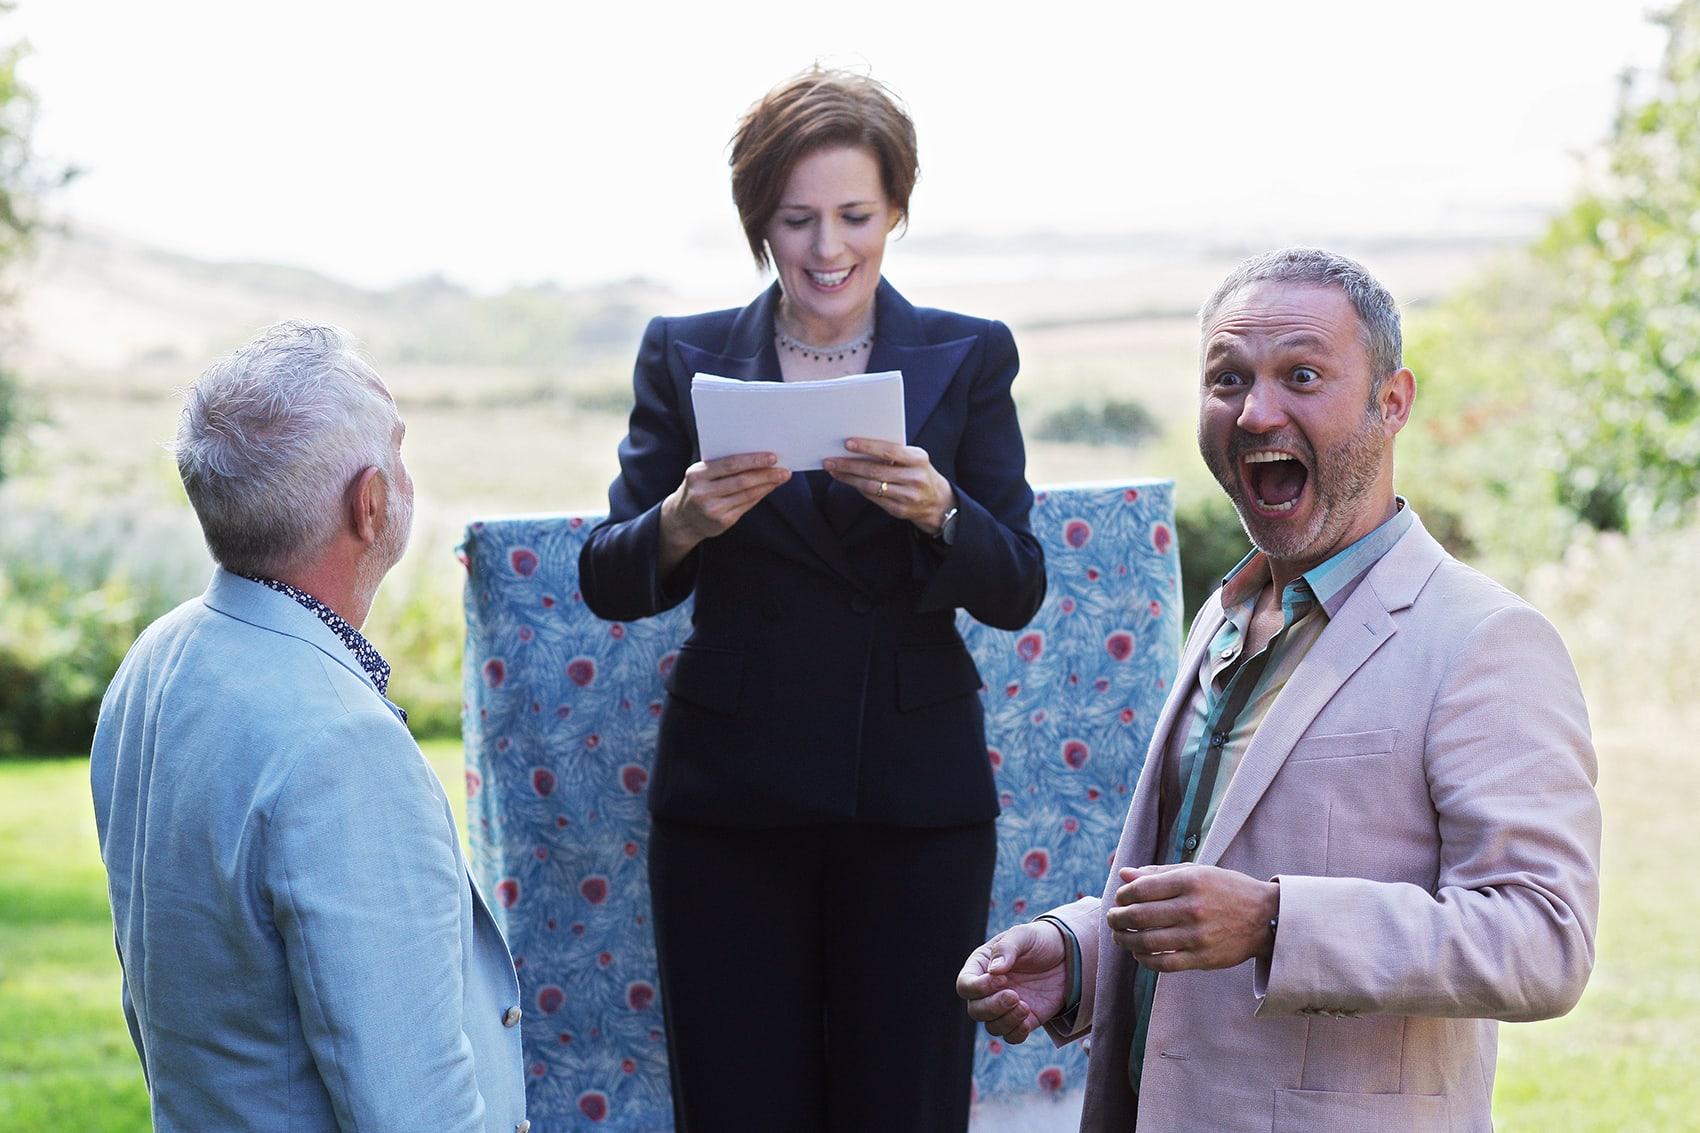 Dorset Gay Wedding Photographer same-sex marriage